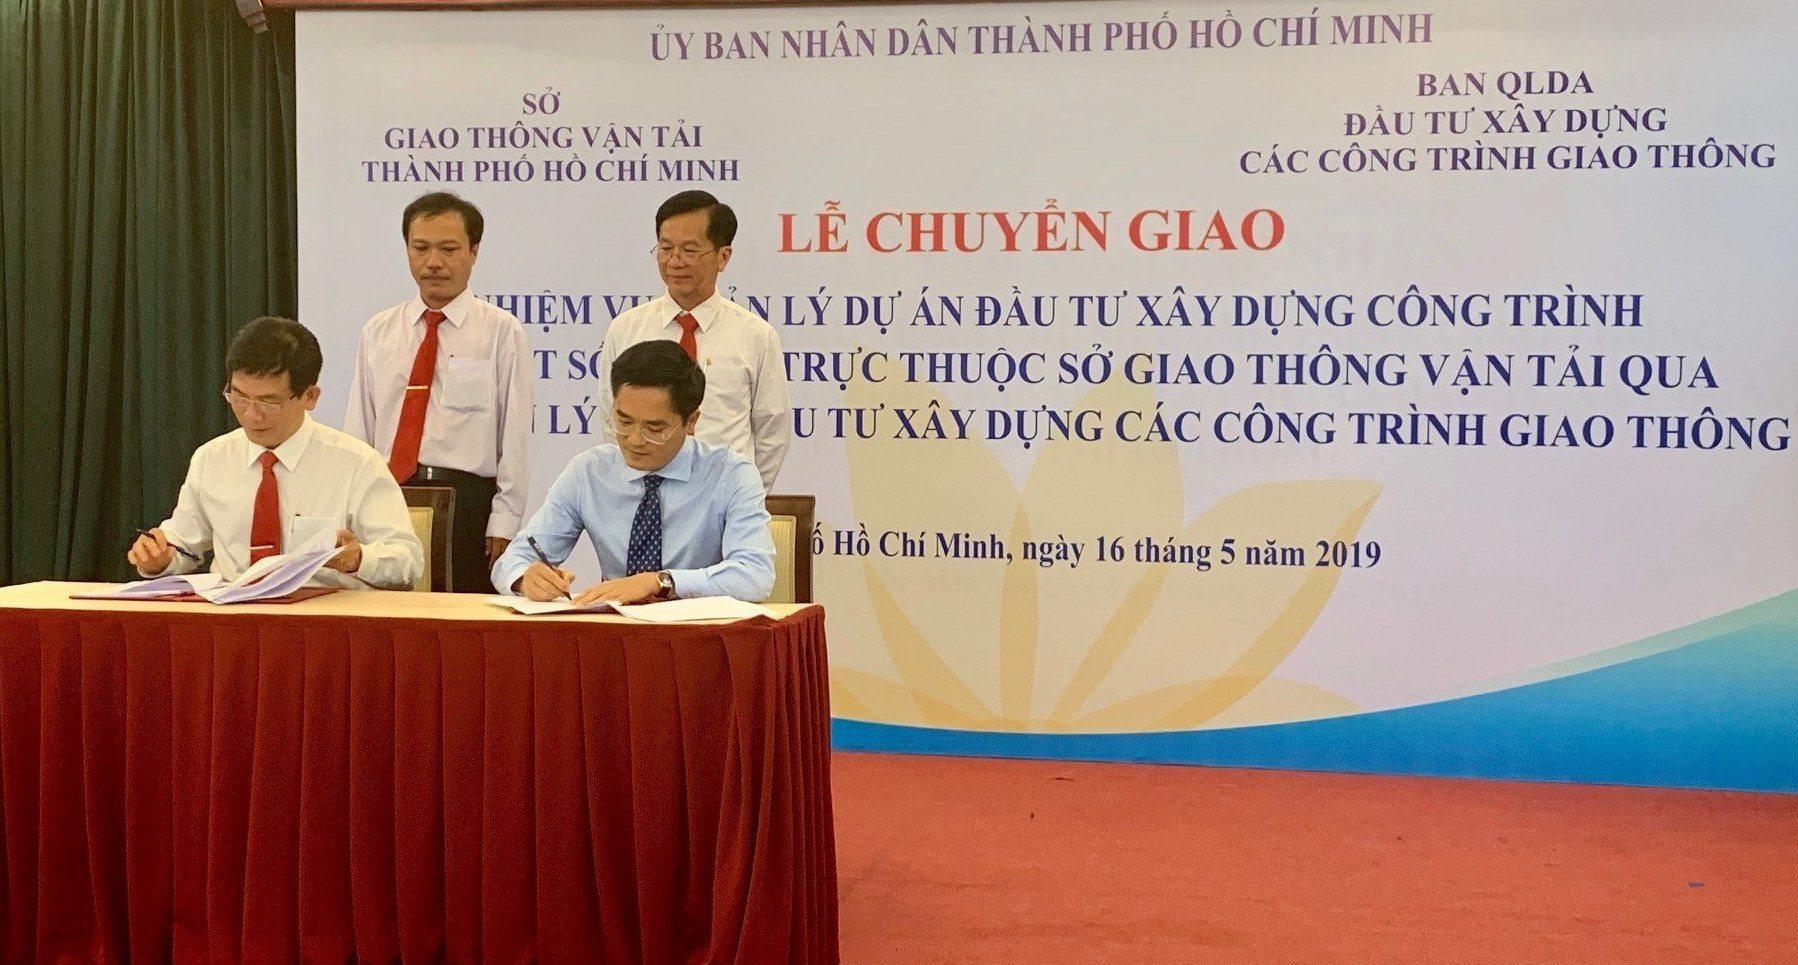 Trước đó, Sở GTVT TP.HCM đã làm lễ chuyển giao hơn 400 dự án qua Ban Quản lý dự án giao thông